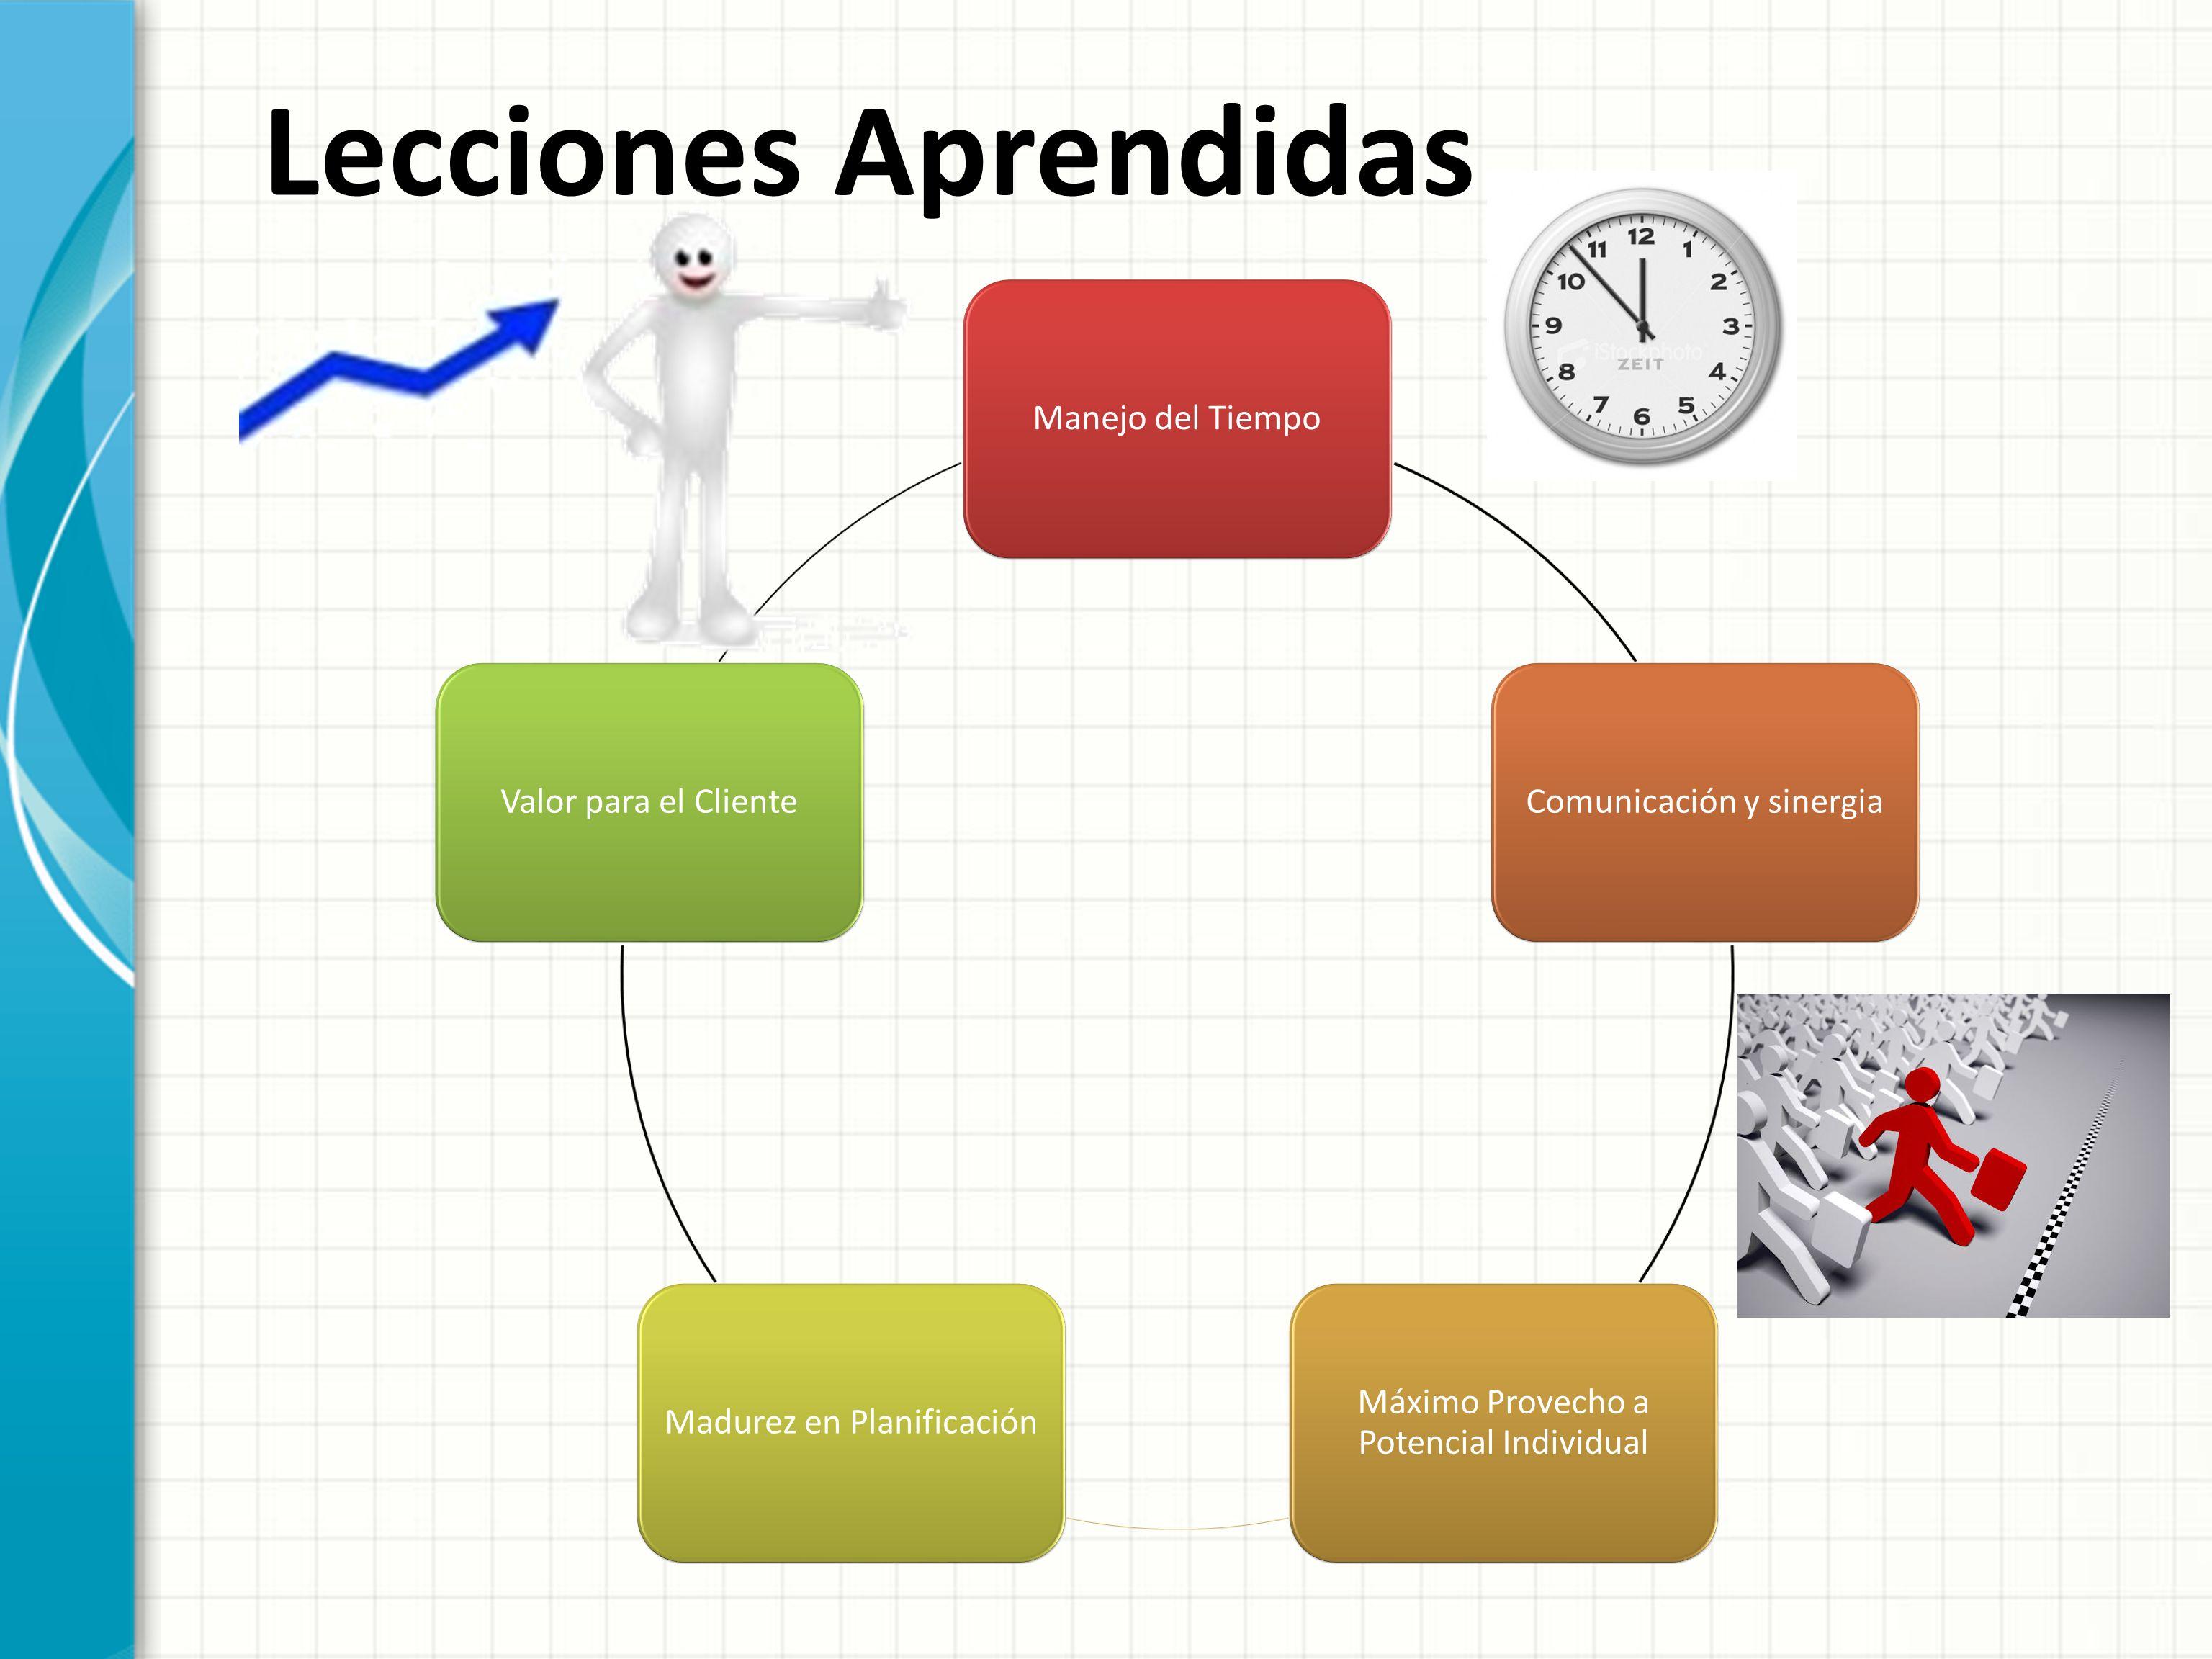 Manejo del TiempoComunicación y sinergia Máximo Provecho a Potencial Individual Madurez en PlanificaciónValor para el Cliente Lecciones Aprendidas